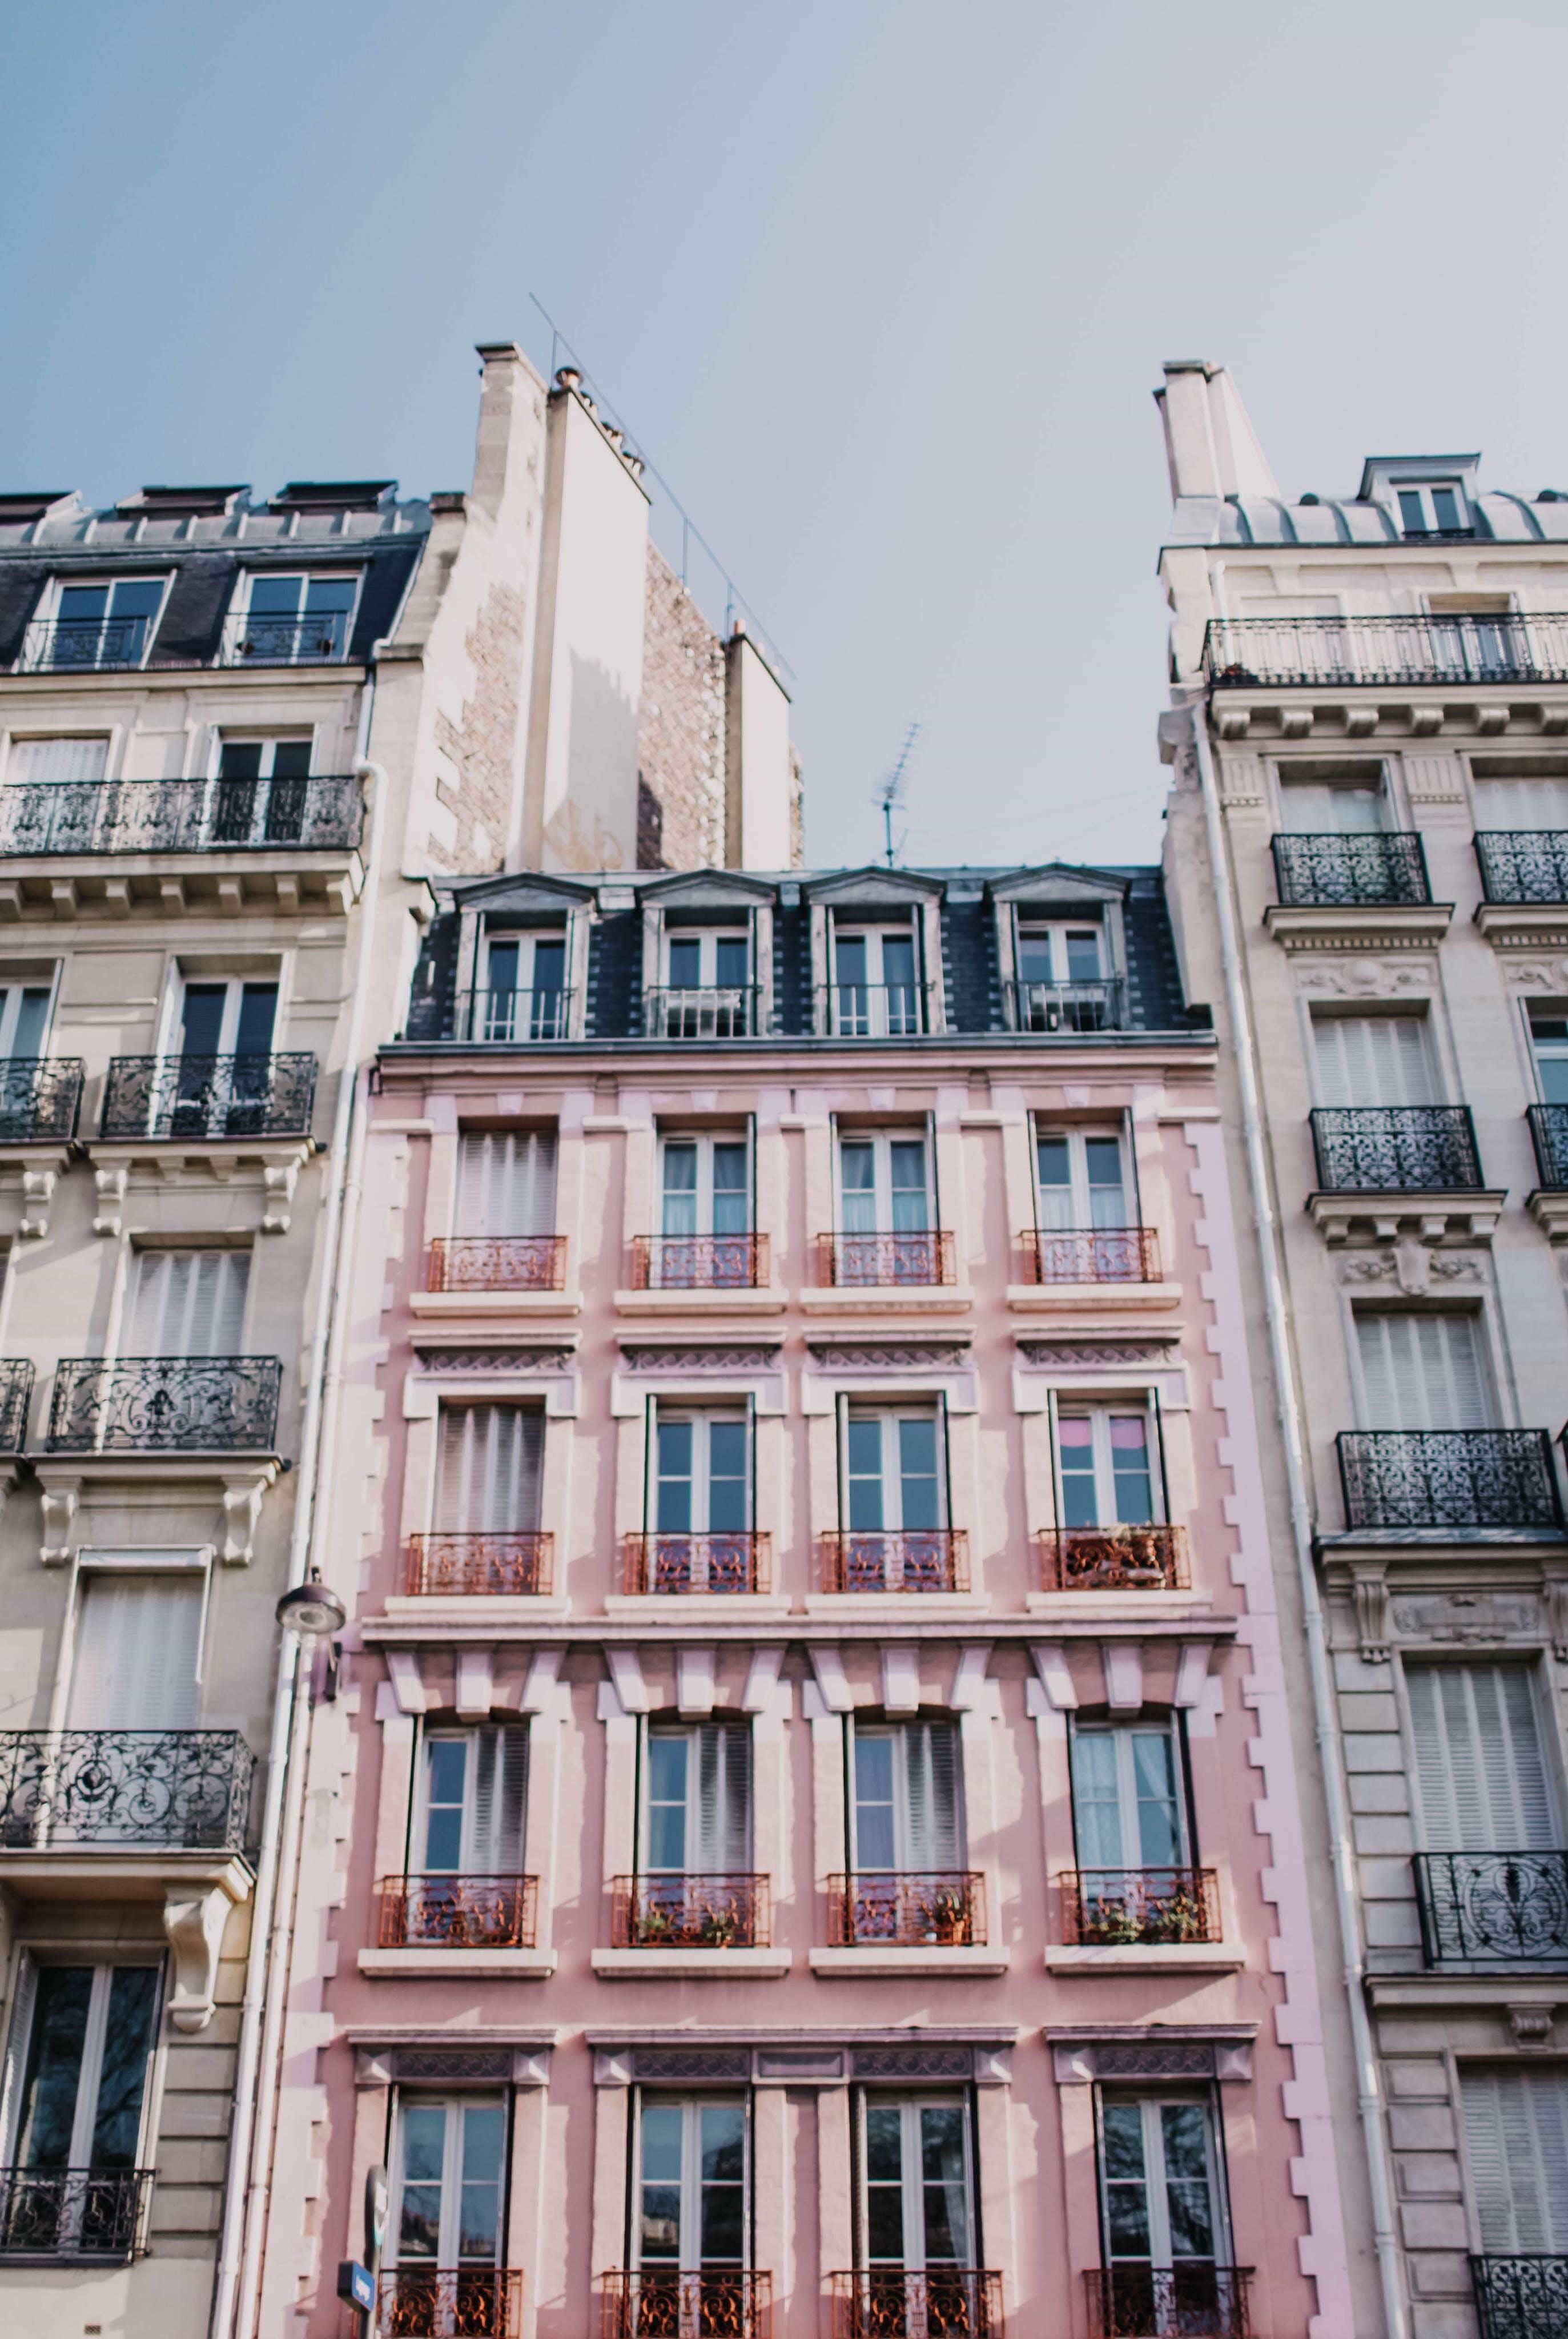 architektur, balkone, business